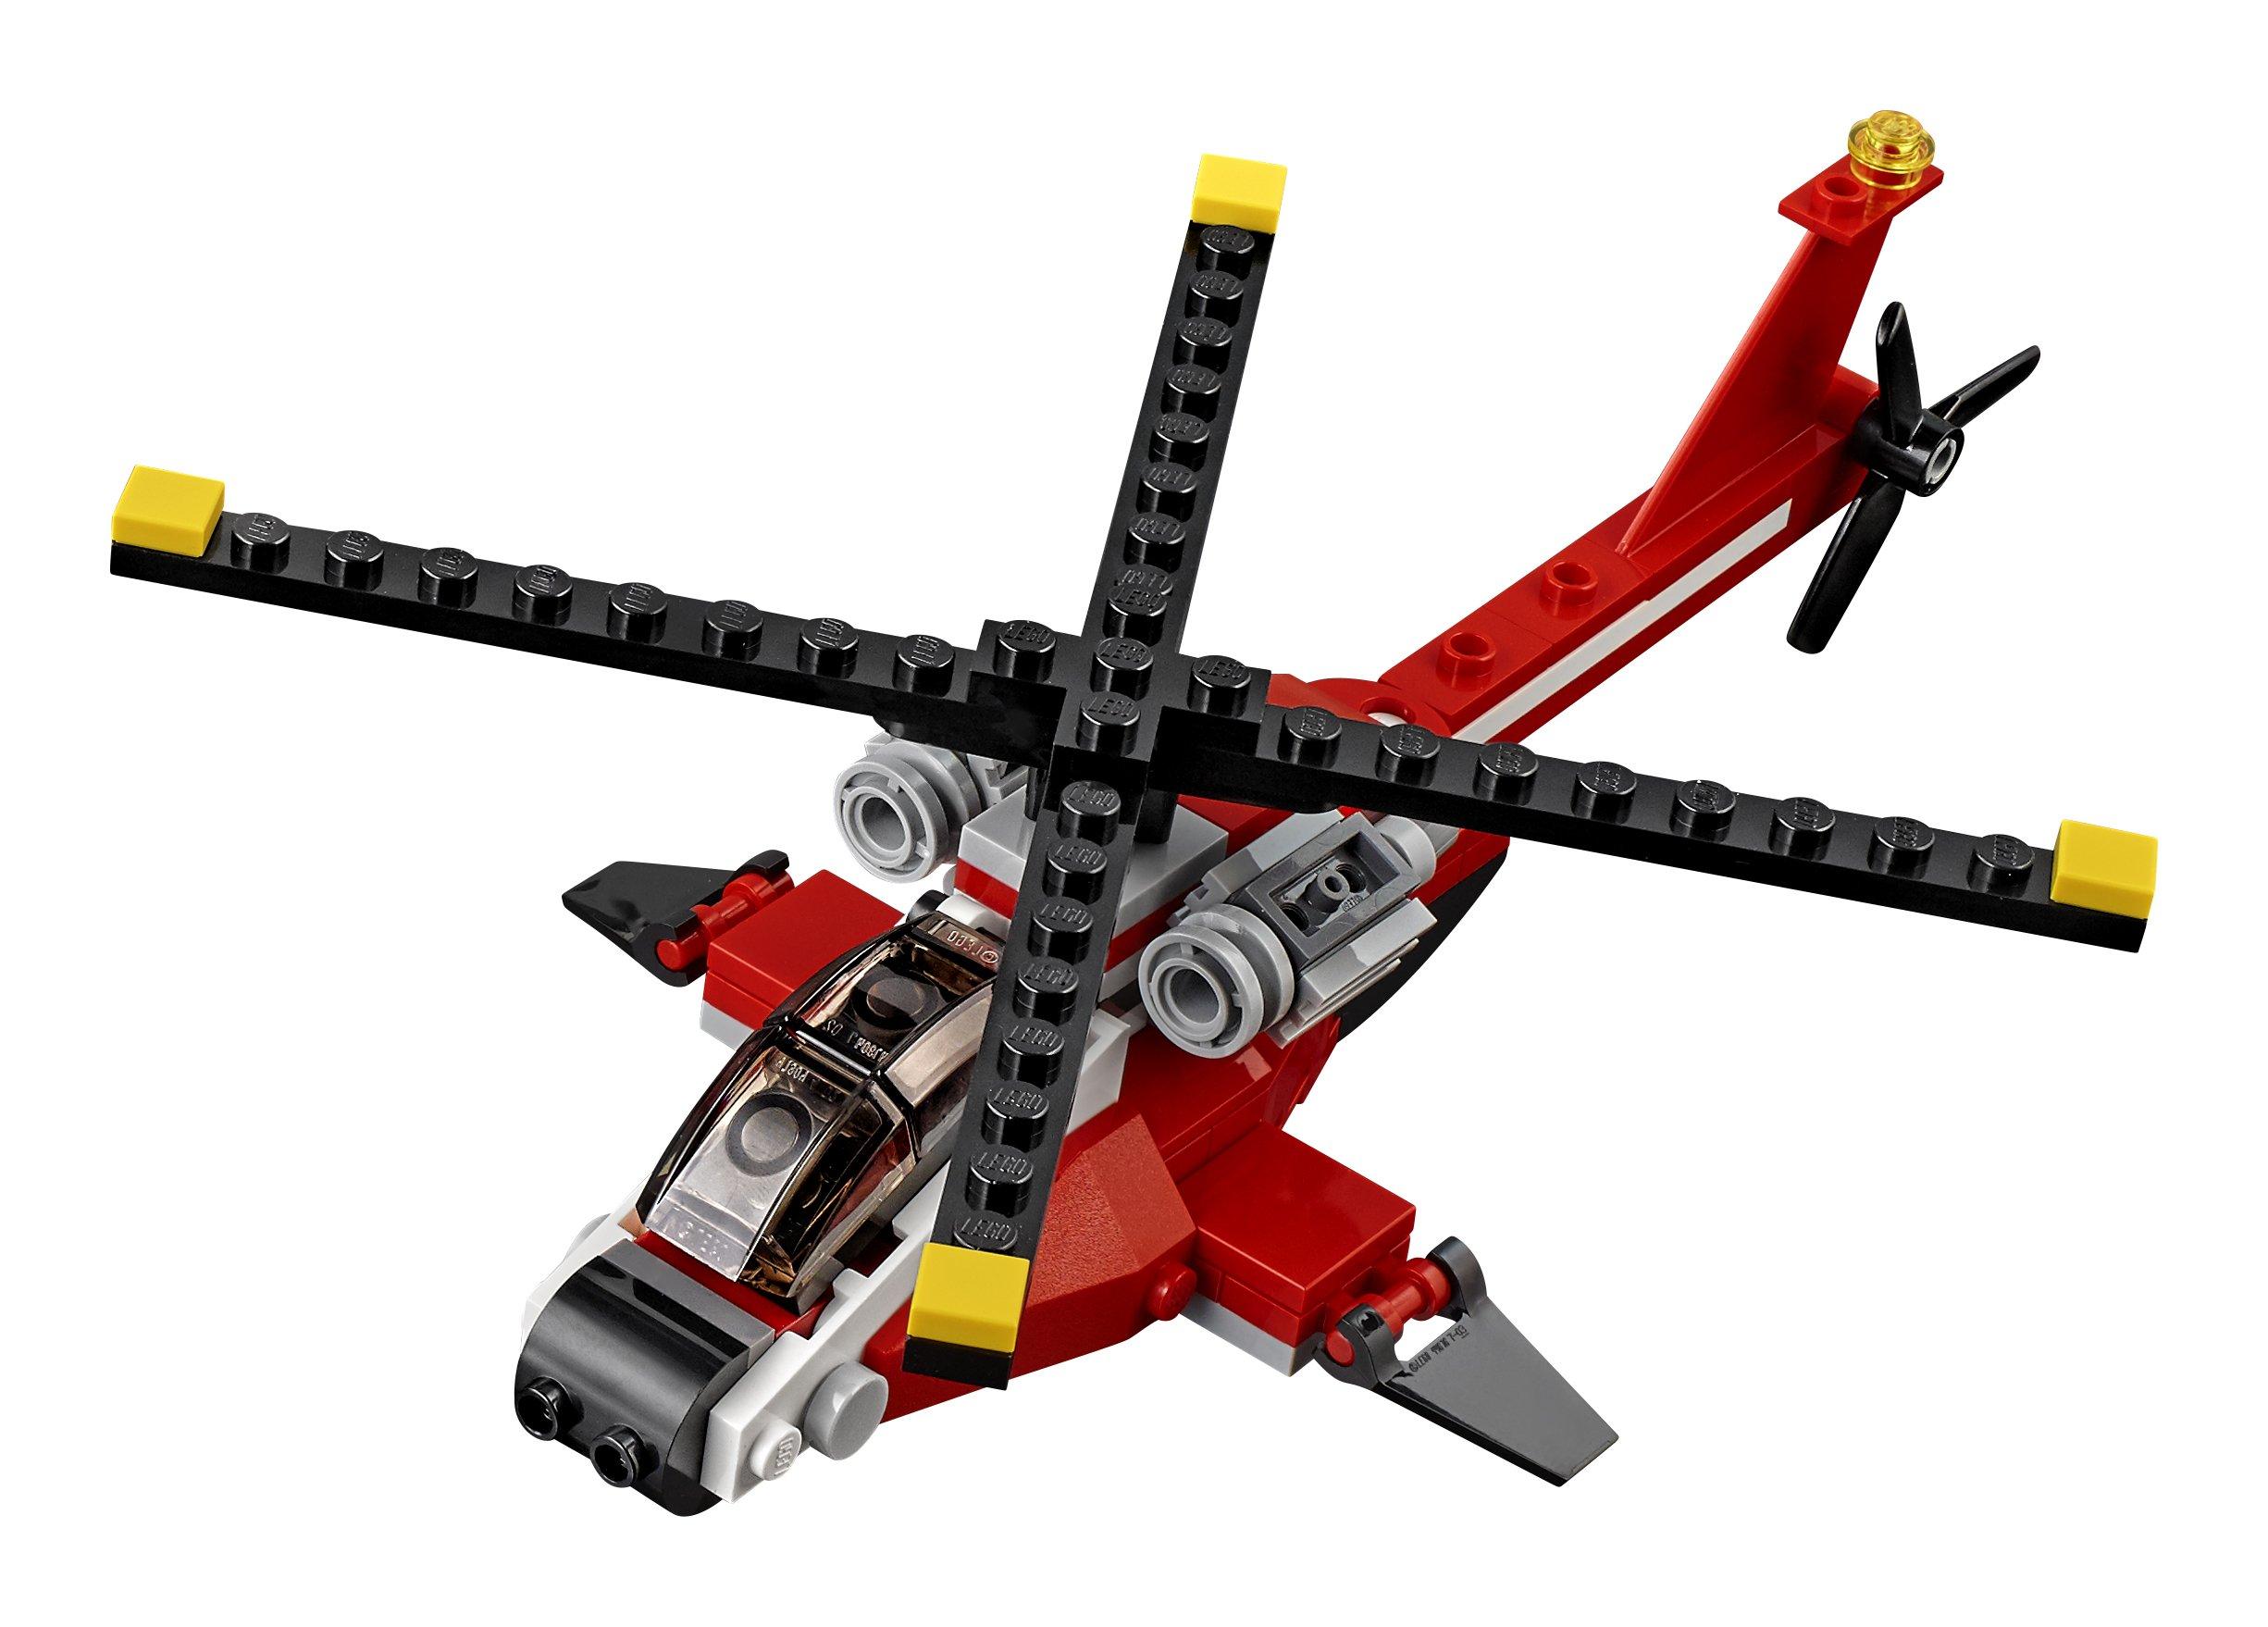 LEGO- Creator Elicottero di Soccorso Costruzioni Piccole Gioco Bambina Giocattolo, Multicolore, 31057 2 spesavip